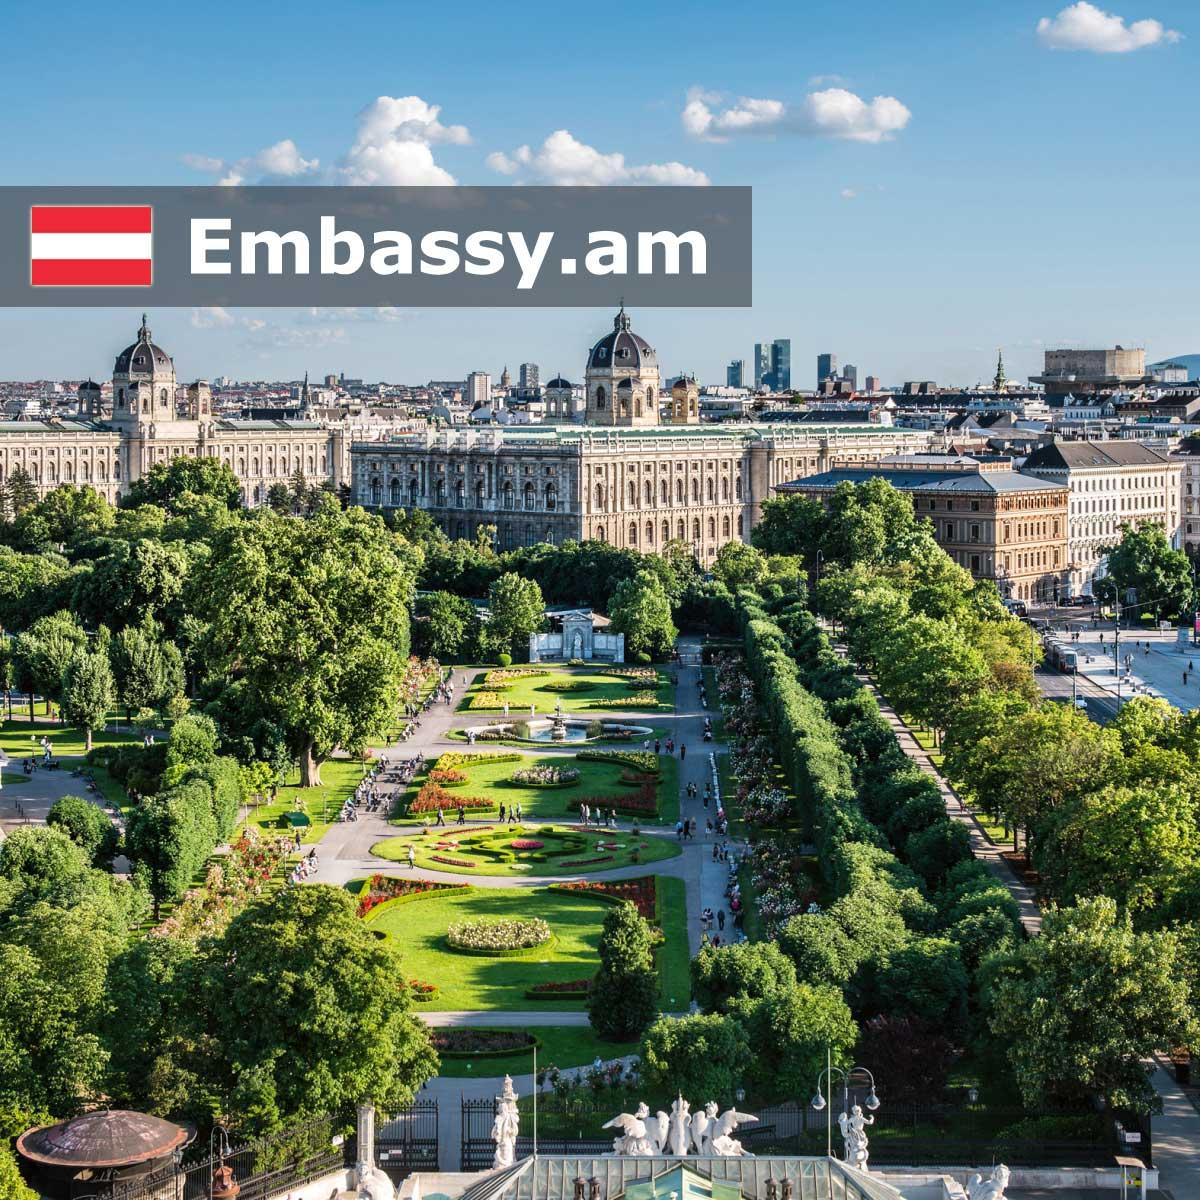 Вена - Отели в Австрии - Embassy.am